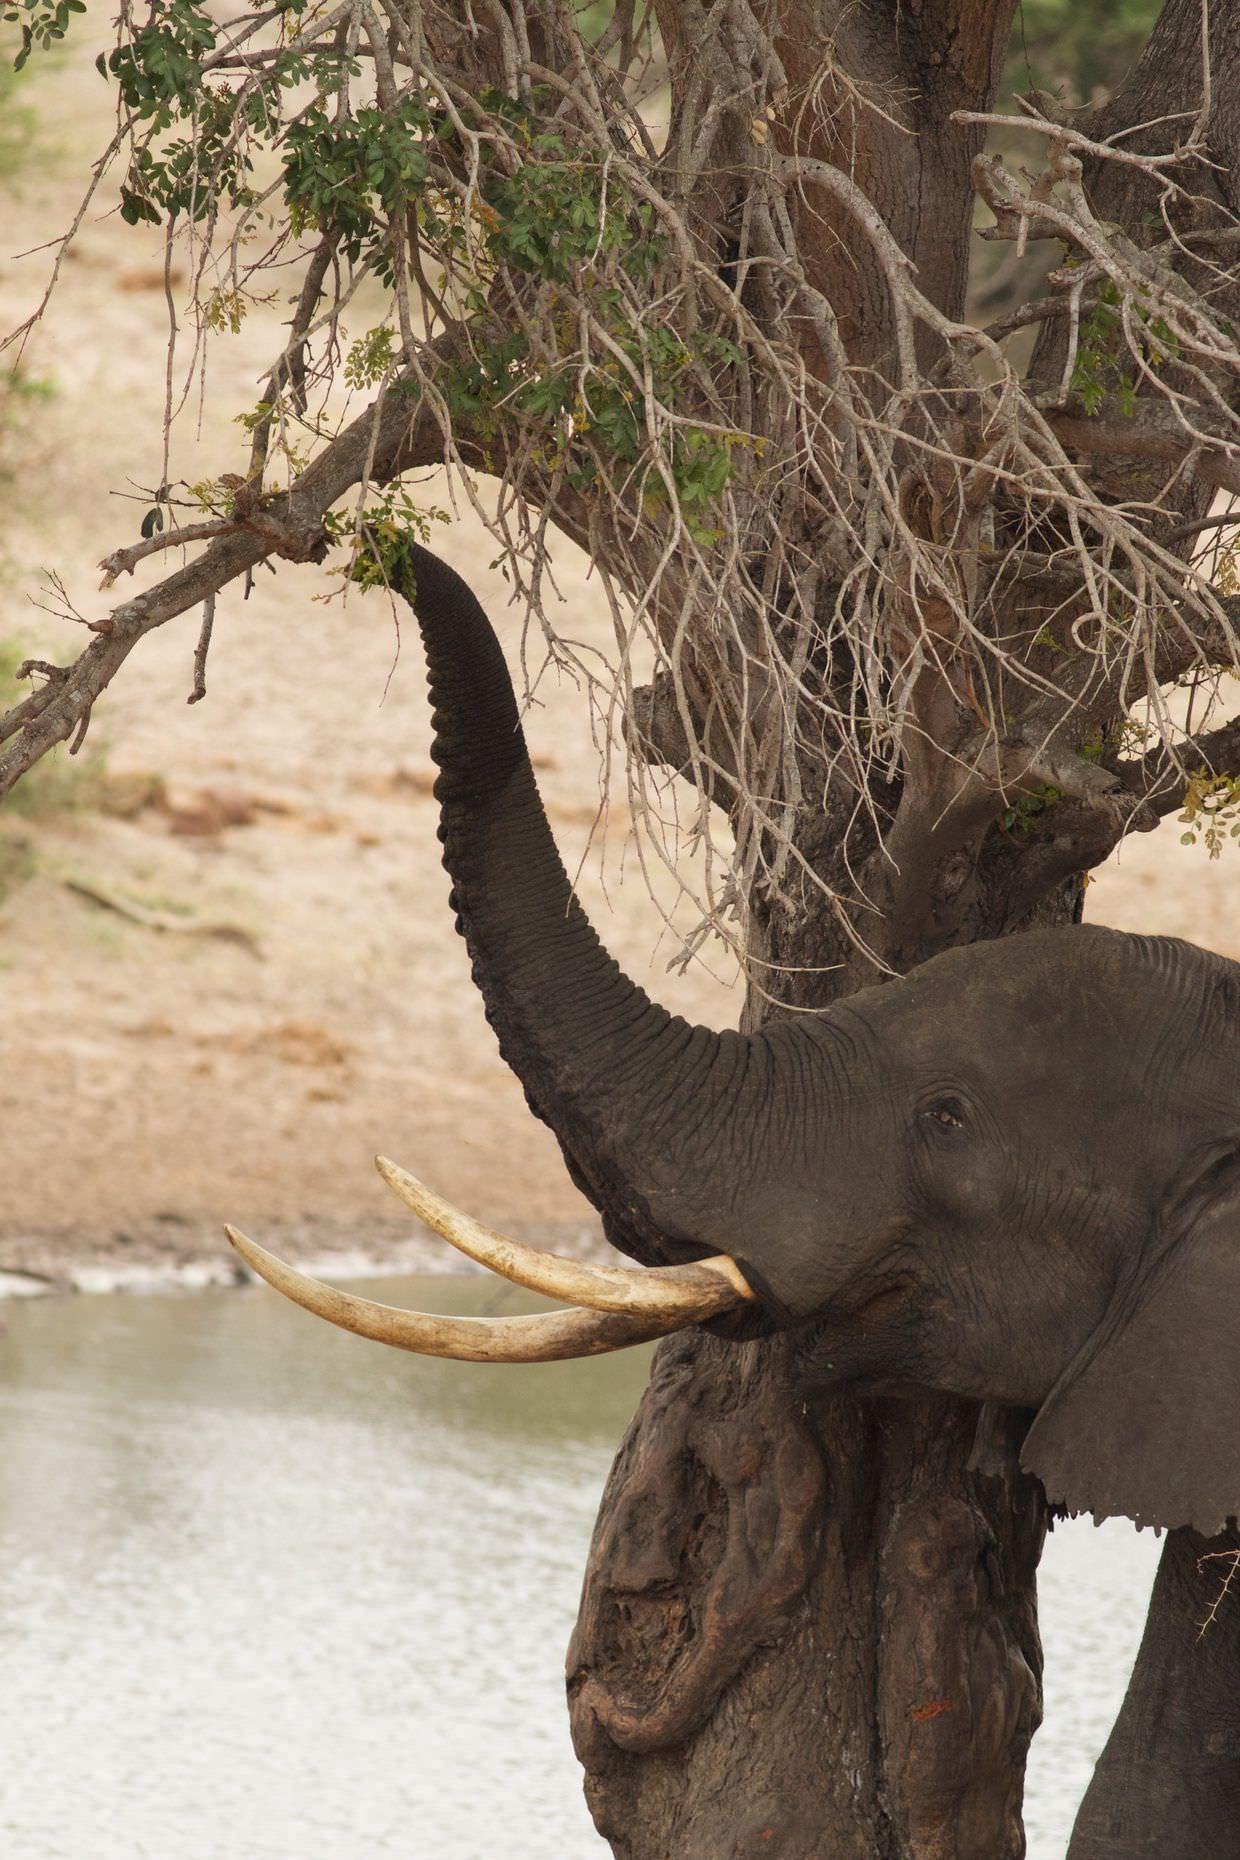 An elephant feeding at Mahlasela hide